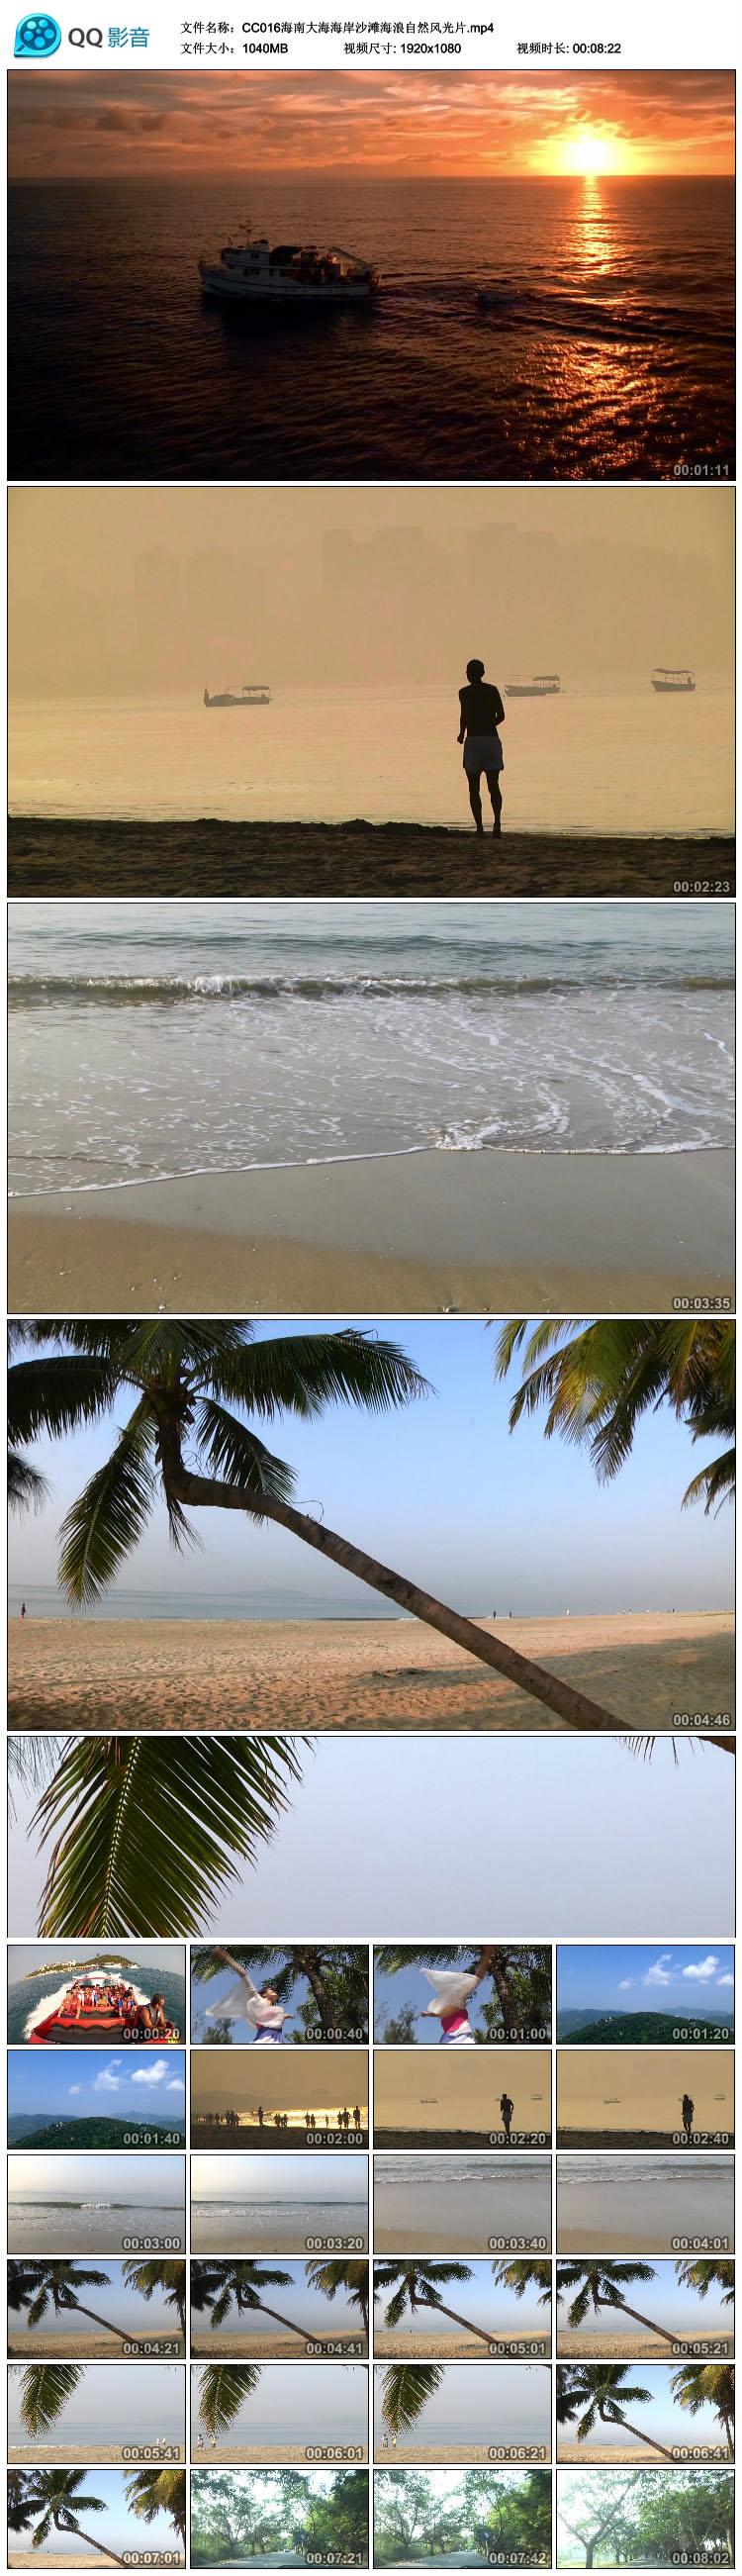 高清实拍海南大海视频素材海岸沙滩海浪自然风光片